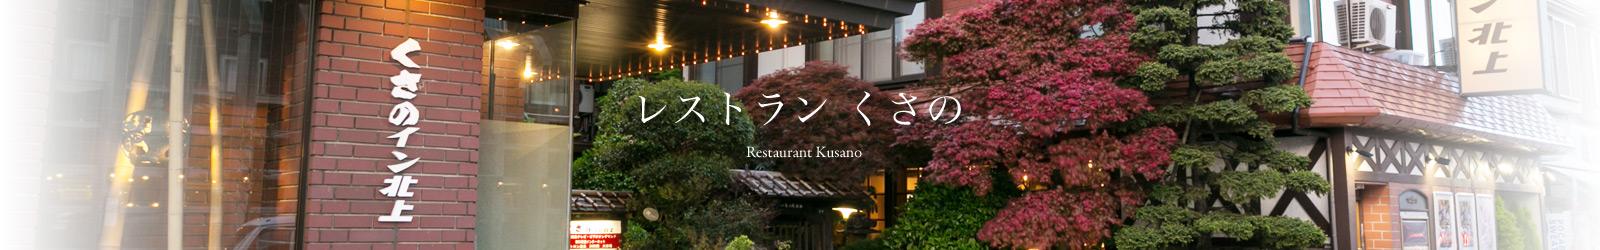 レストランくさの